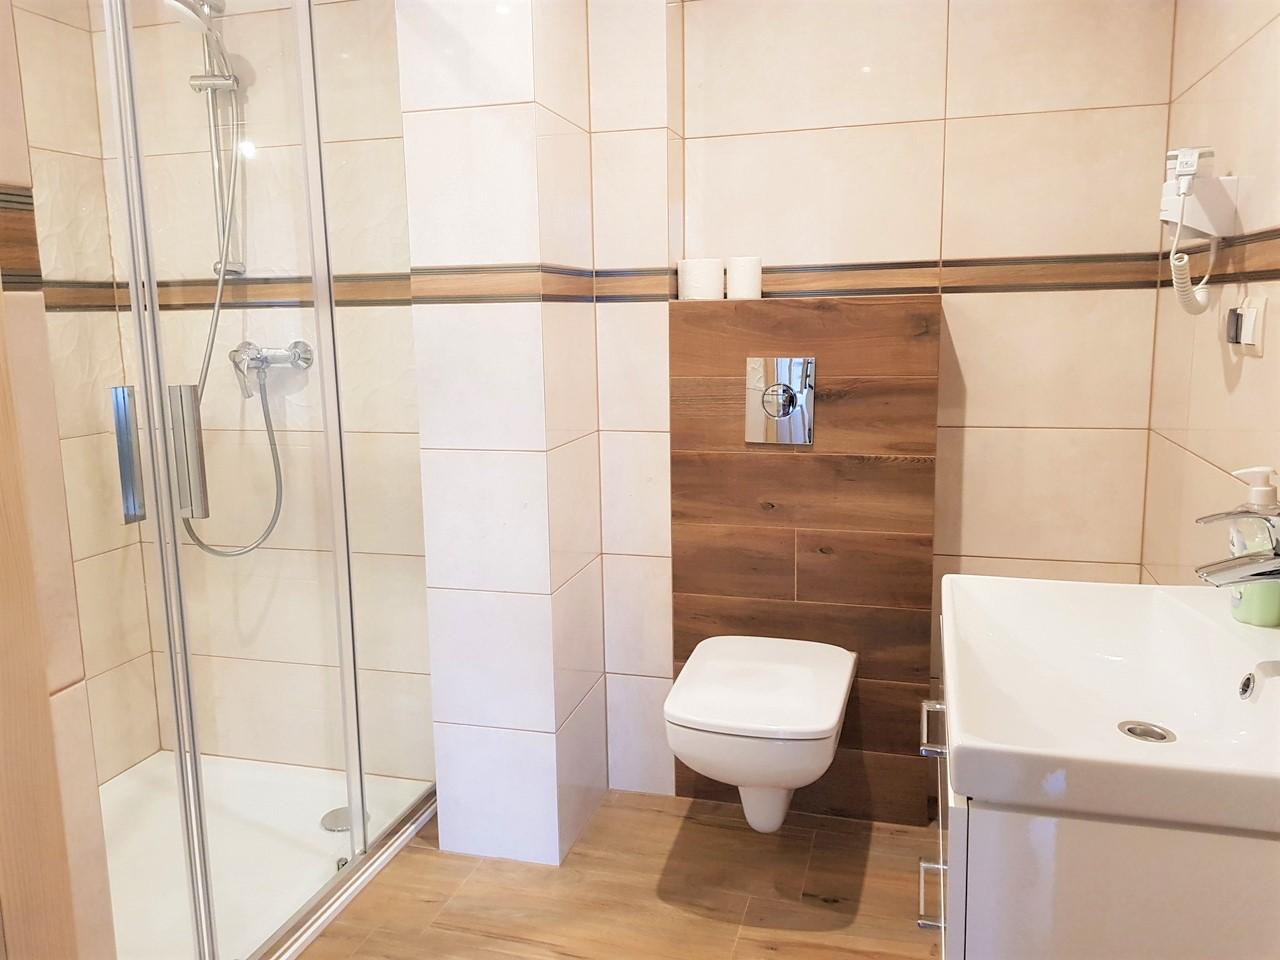 pokoje zakopane 3 łazienka (1)